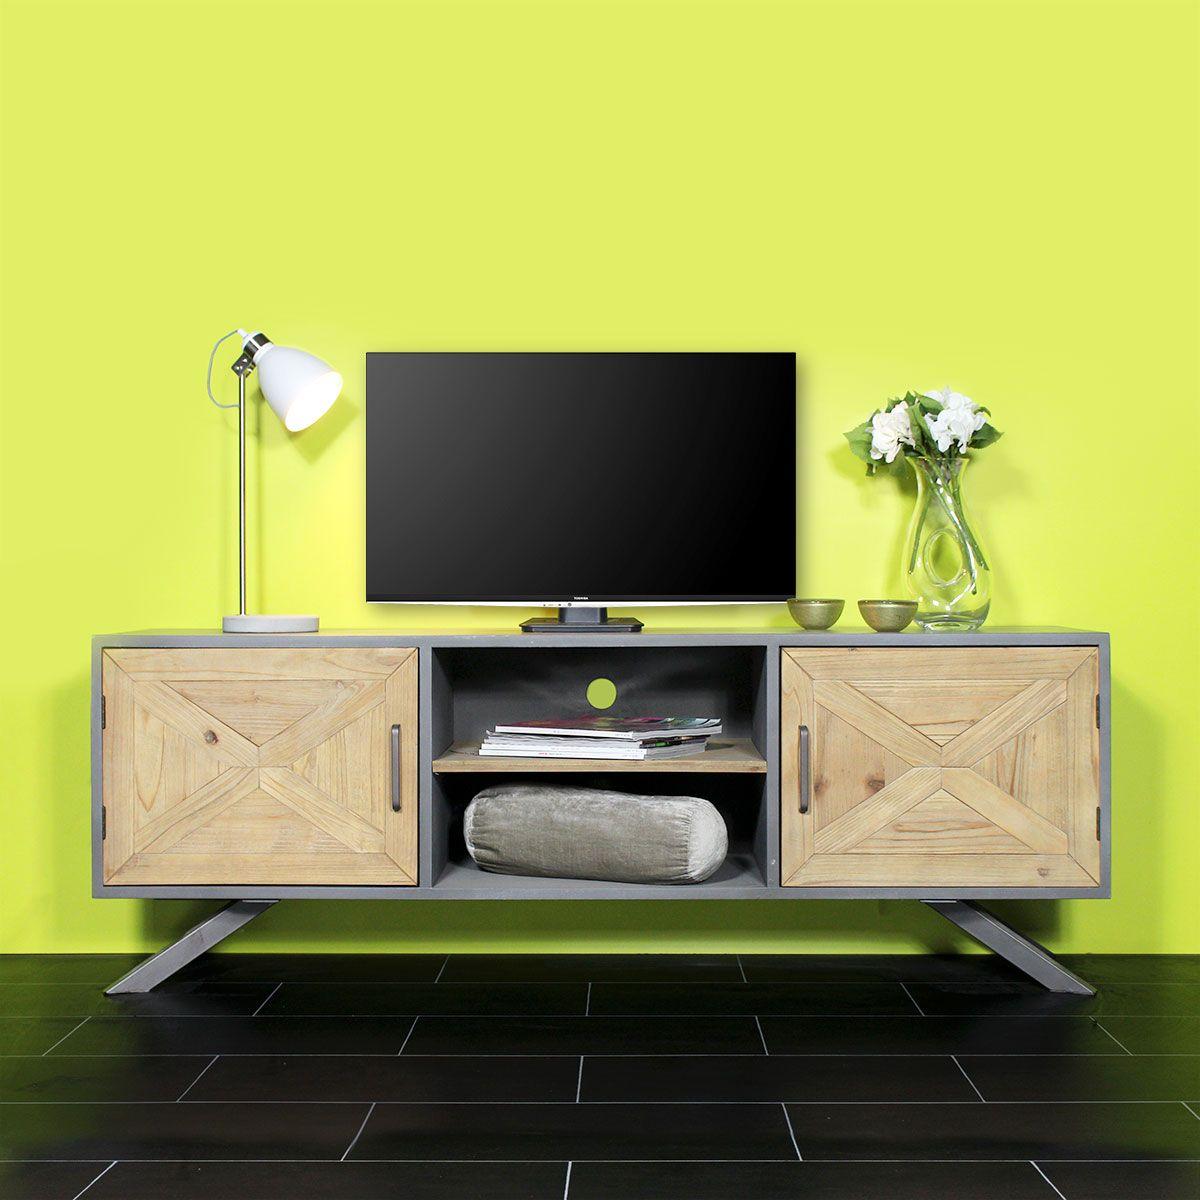 meuble tv original pinterest deco industrielle meuble tv et industriel. Black Bedroom Furniture Sets. Home Design Ideas